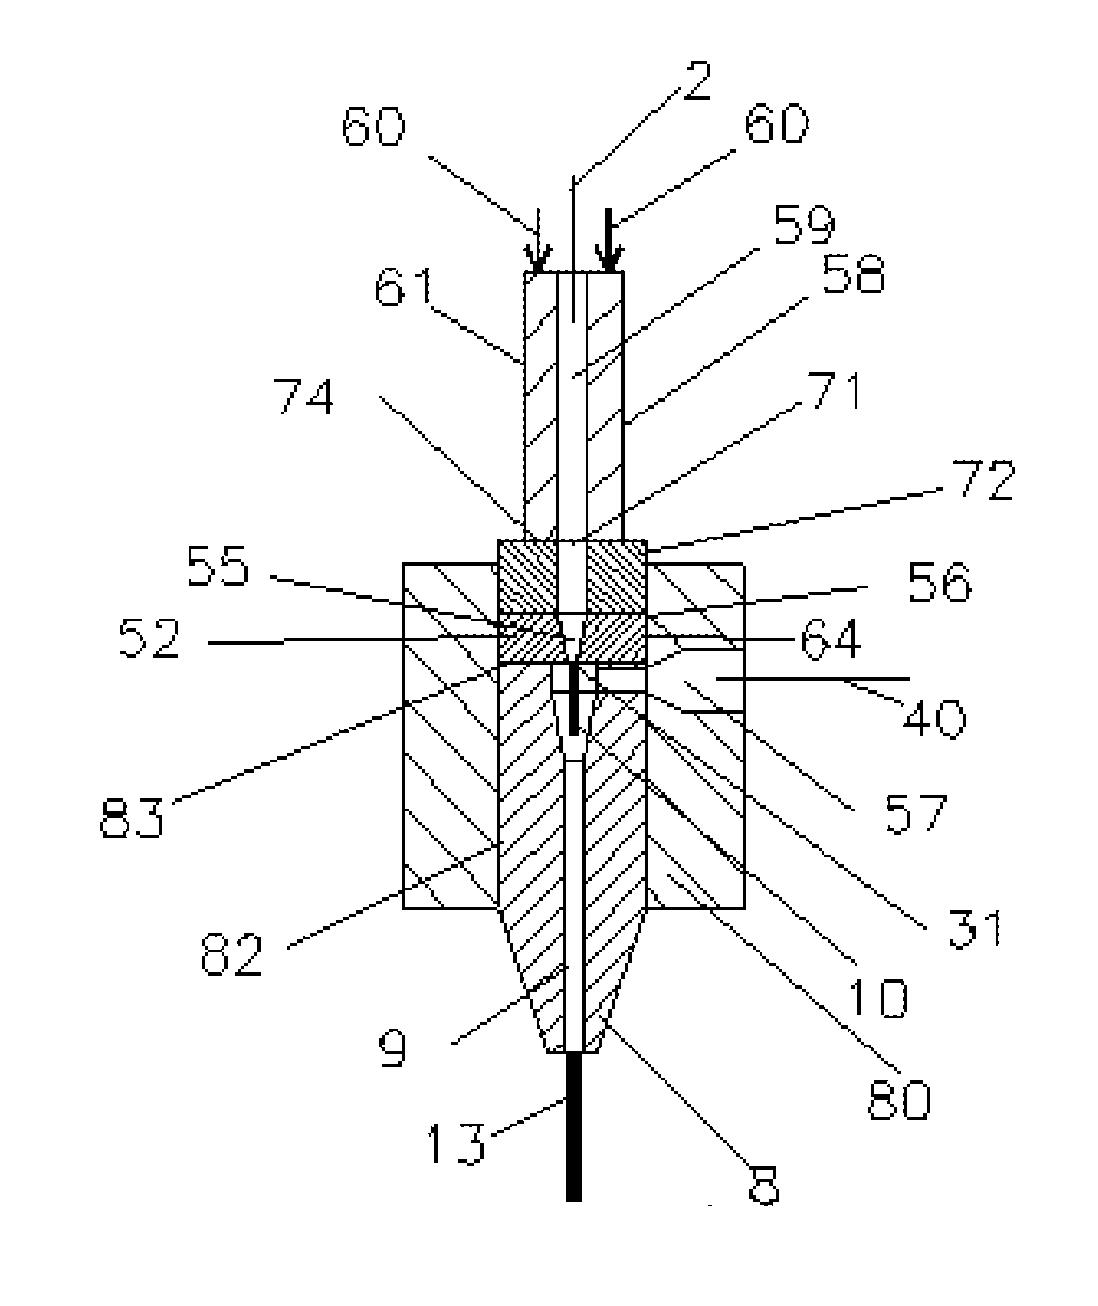 Flow Waterjet Cutting Speeds Chart | Wiring Diagram Database